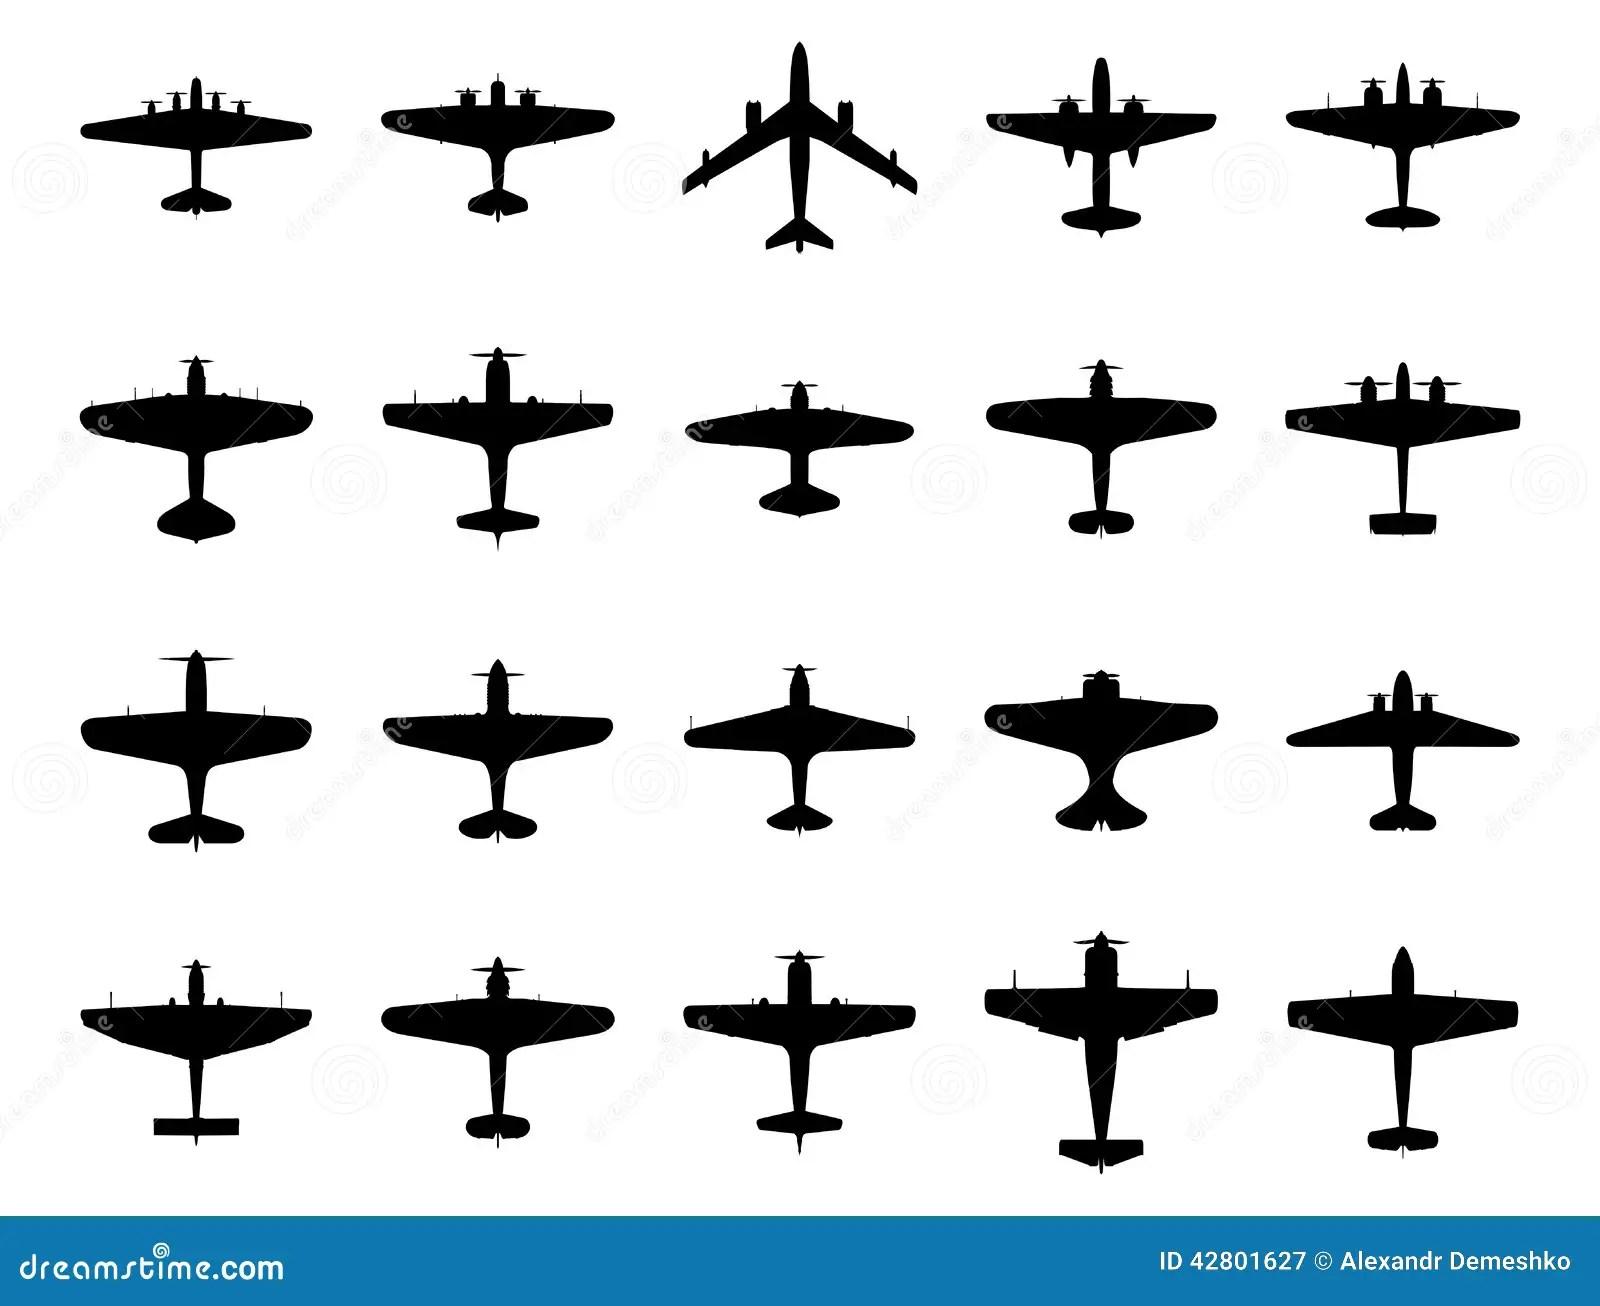 B2 Jet Ww2